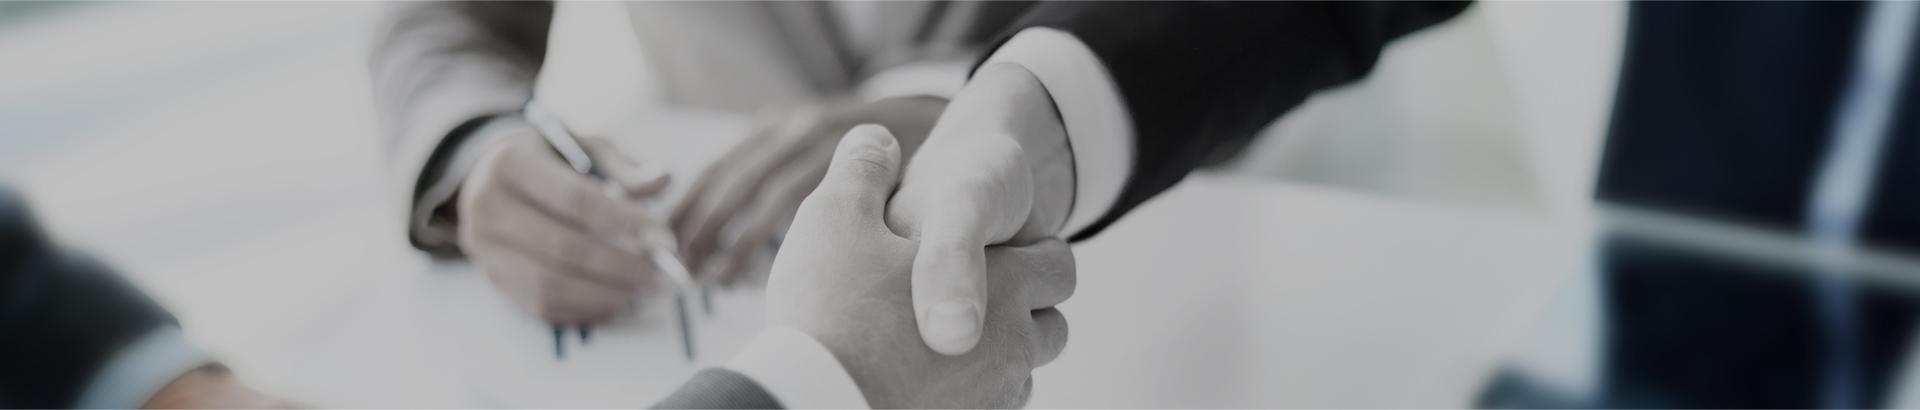 上海磐久投资管理合伙企业(有限合伙)